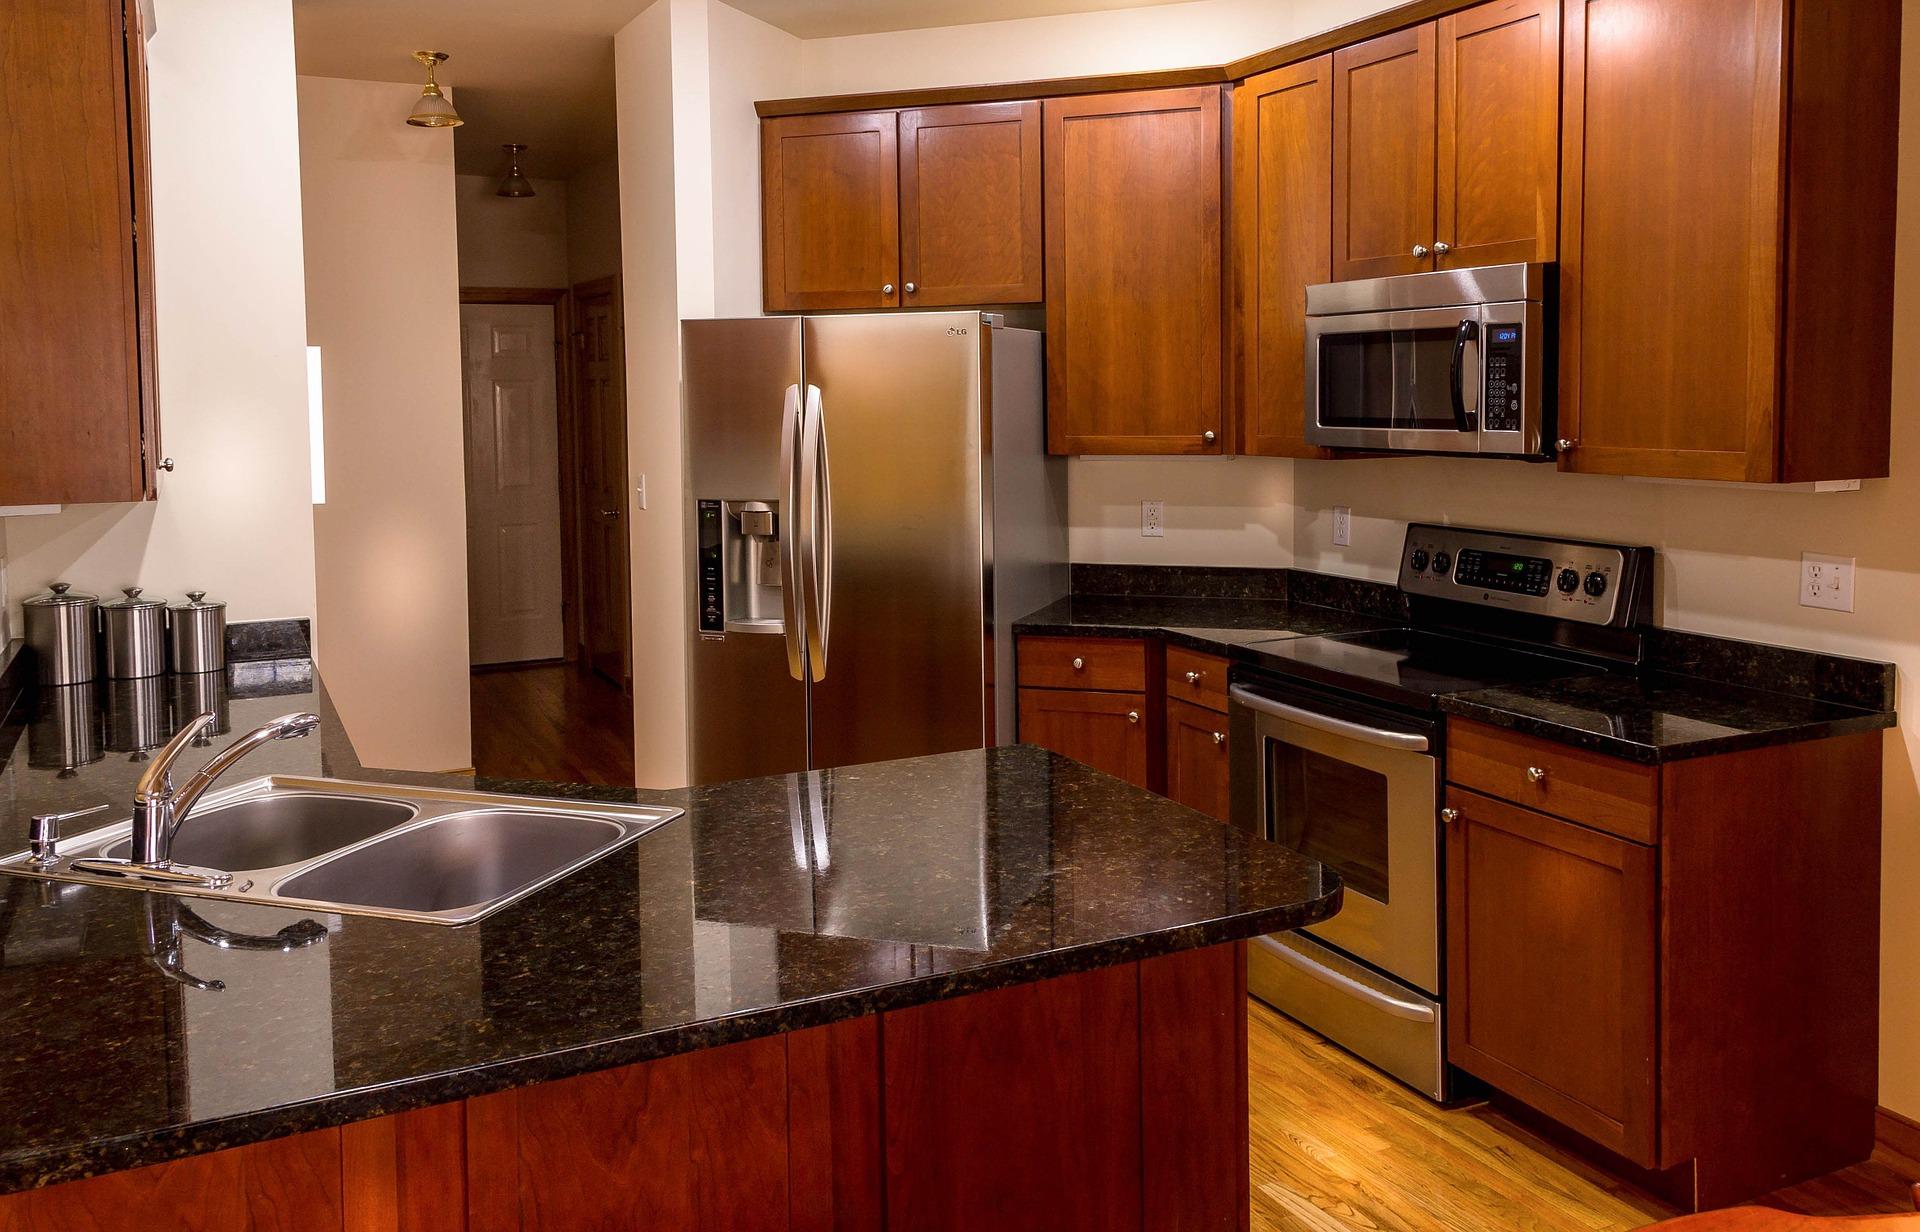 Pracovní trojúhelník je základní variantou ergonomie kuchyně